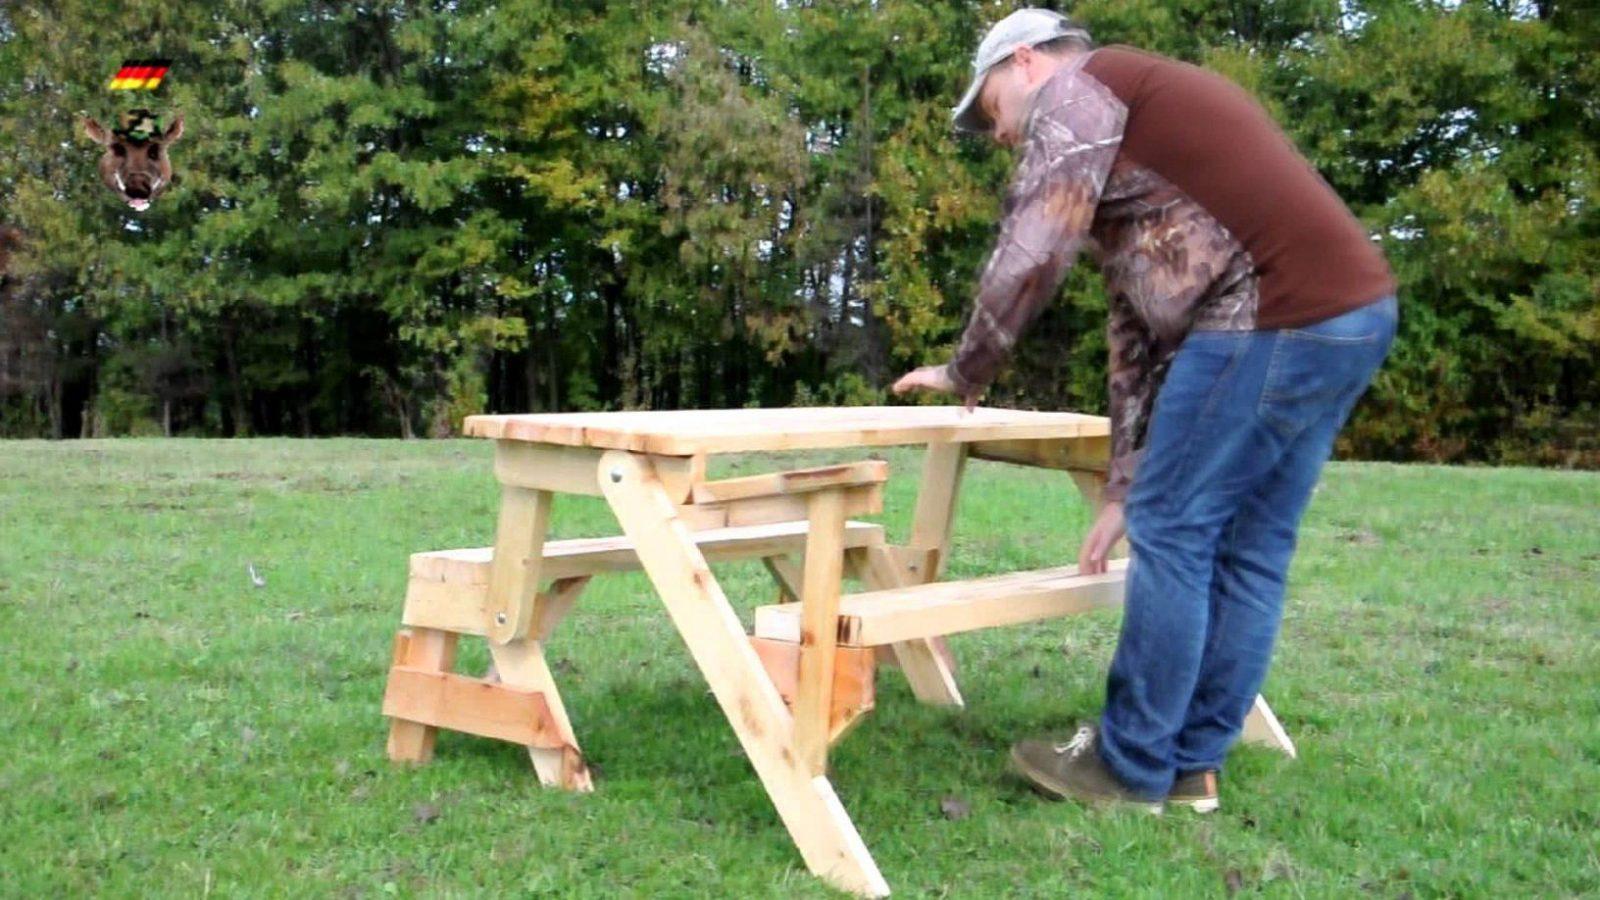 Klappbare Gartentisch Mit Holzbank Sitzbank Massiv Ausziehbar  Youtube von Tisch Bank Kombination Bauanleitung Bild